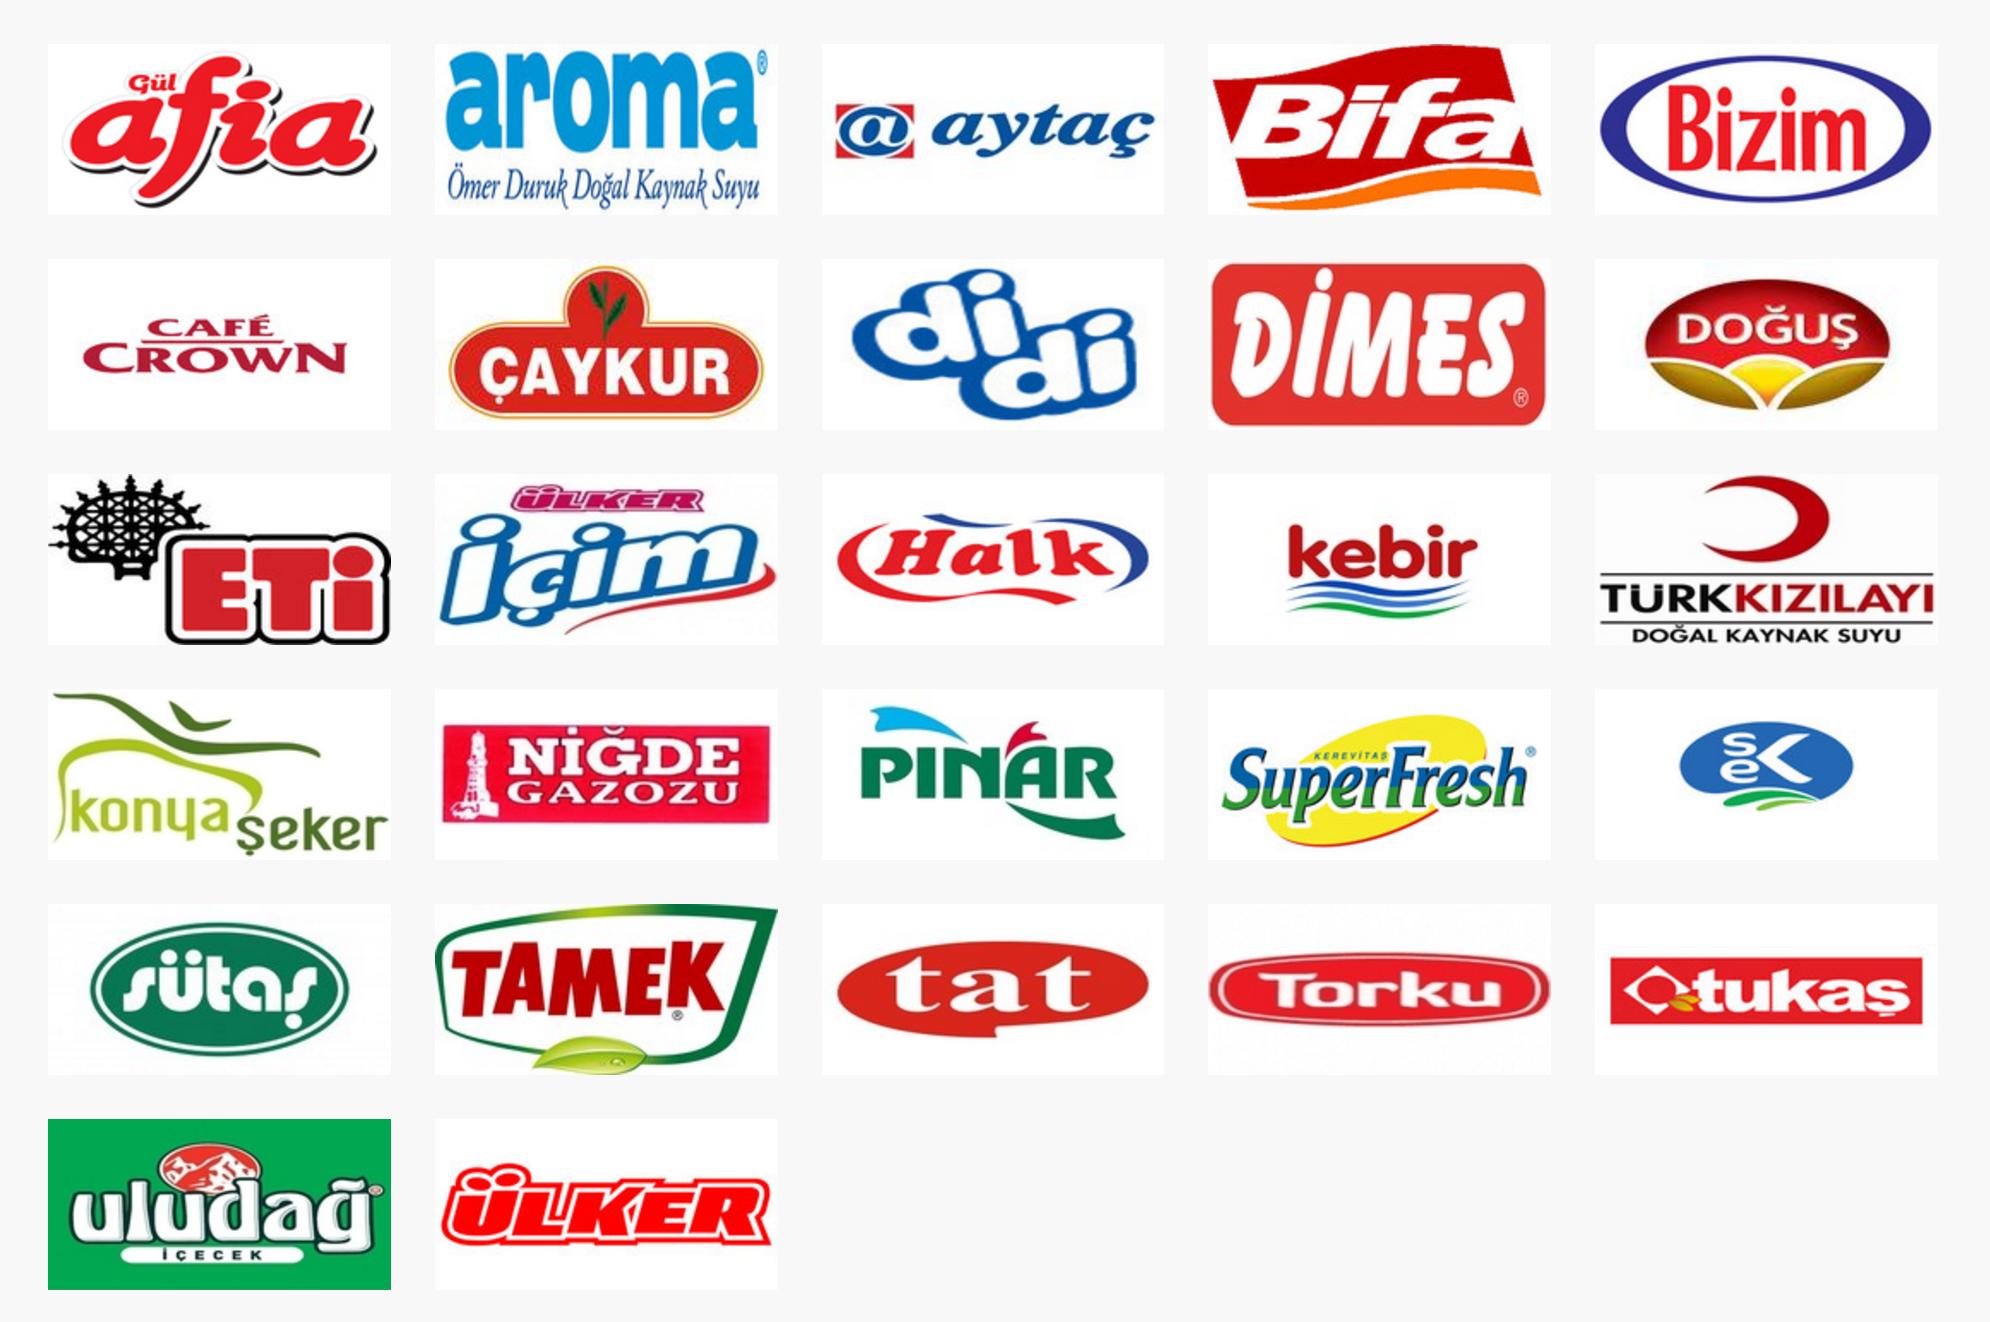 Gıda Yerli Markalar Türk ürünleri